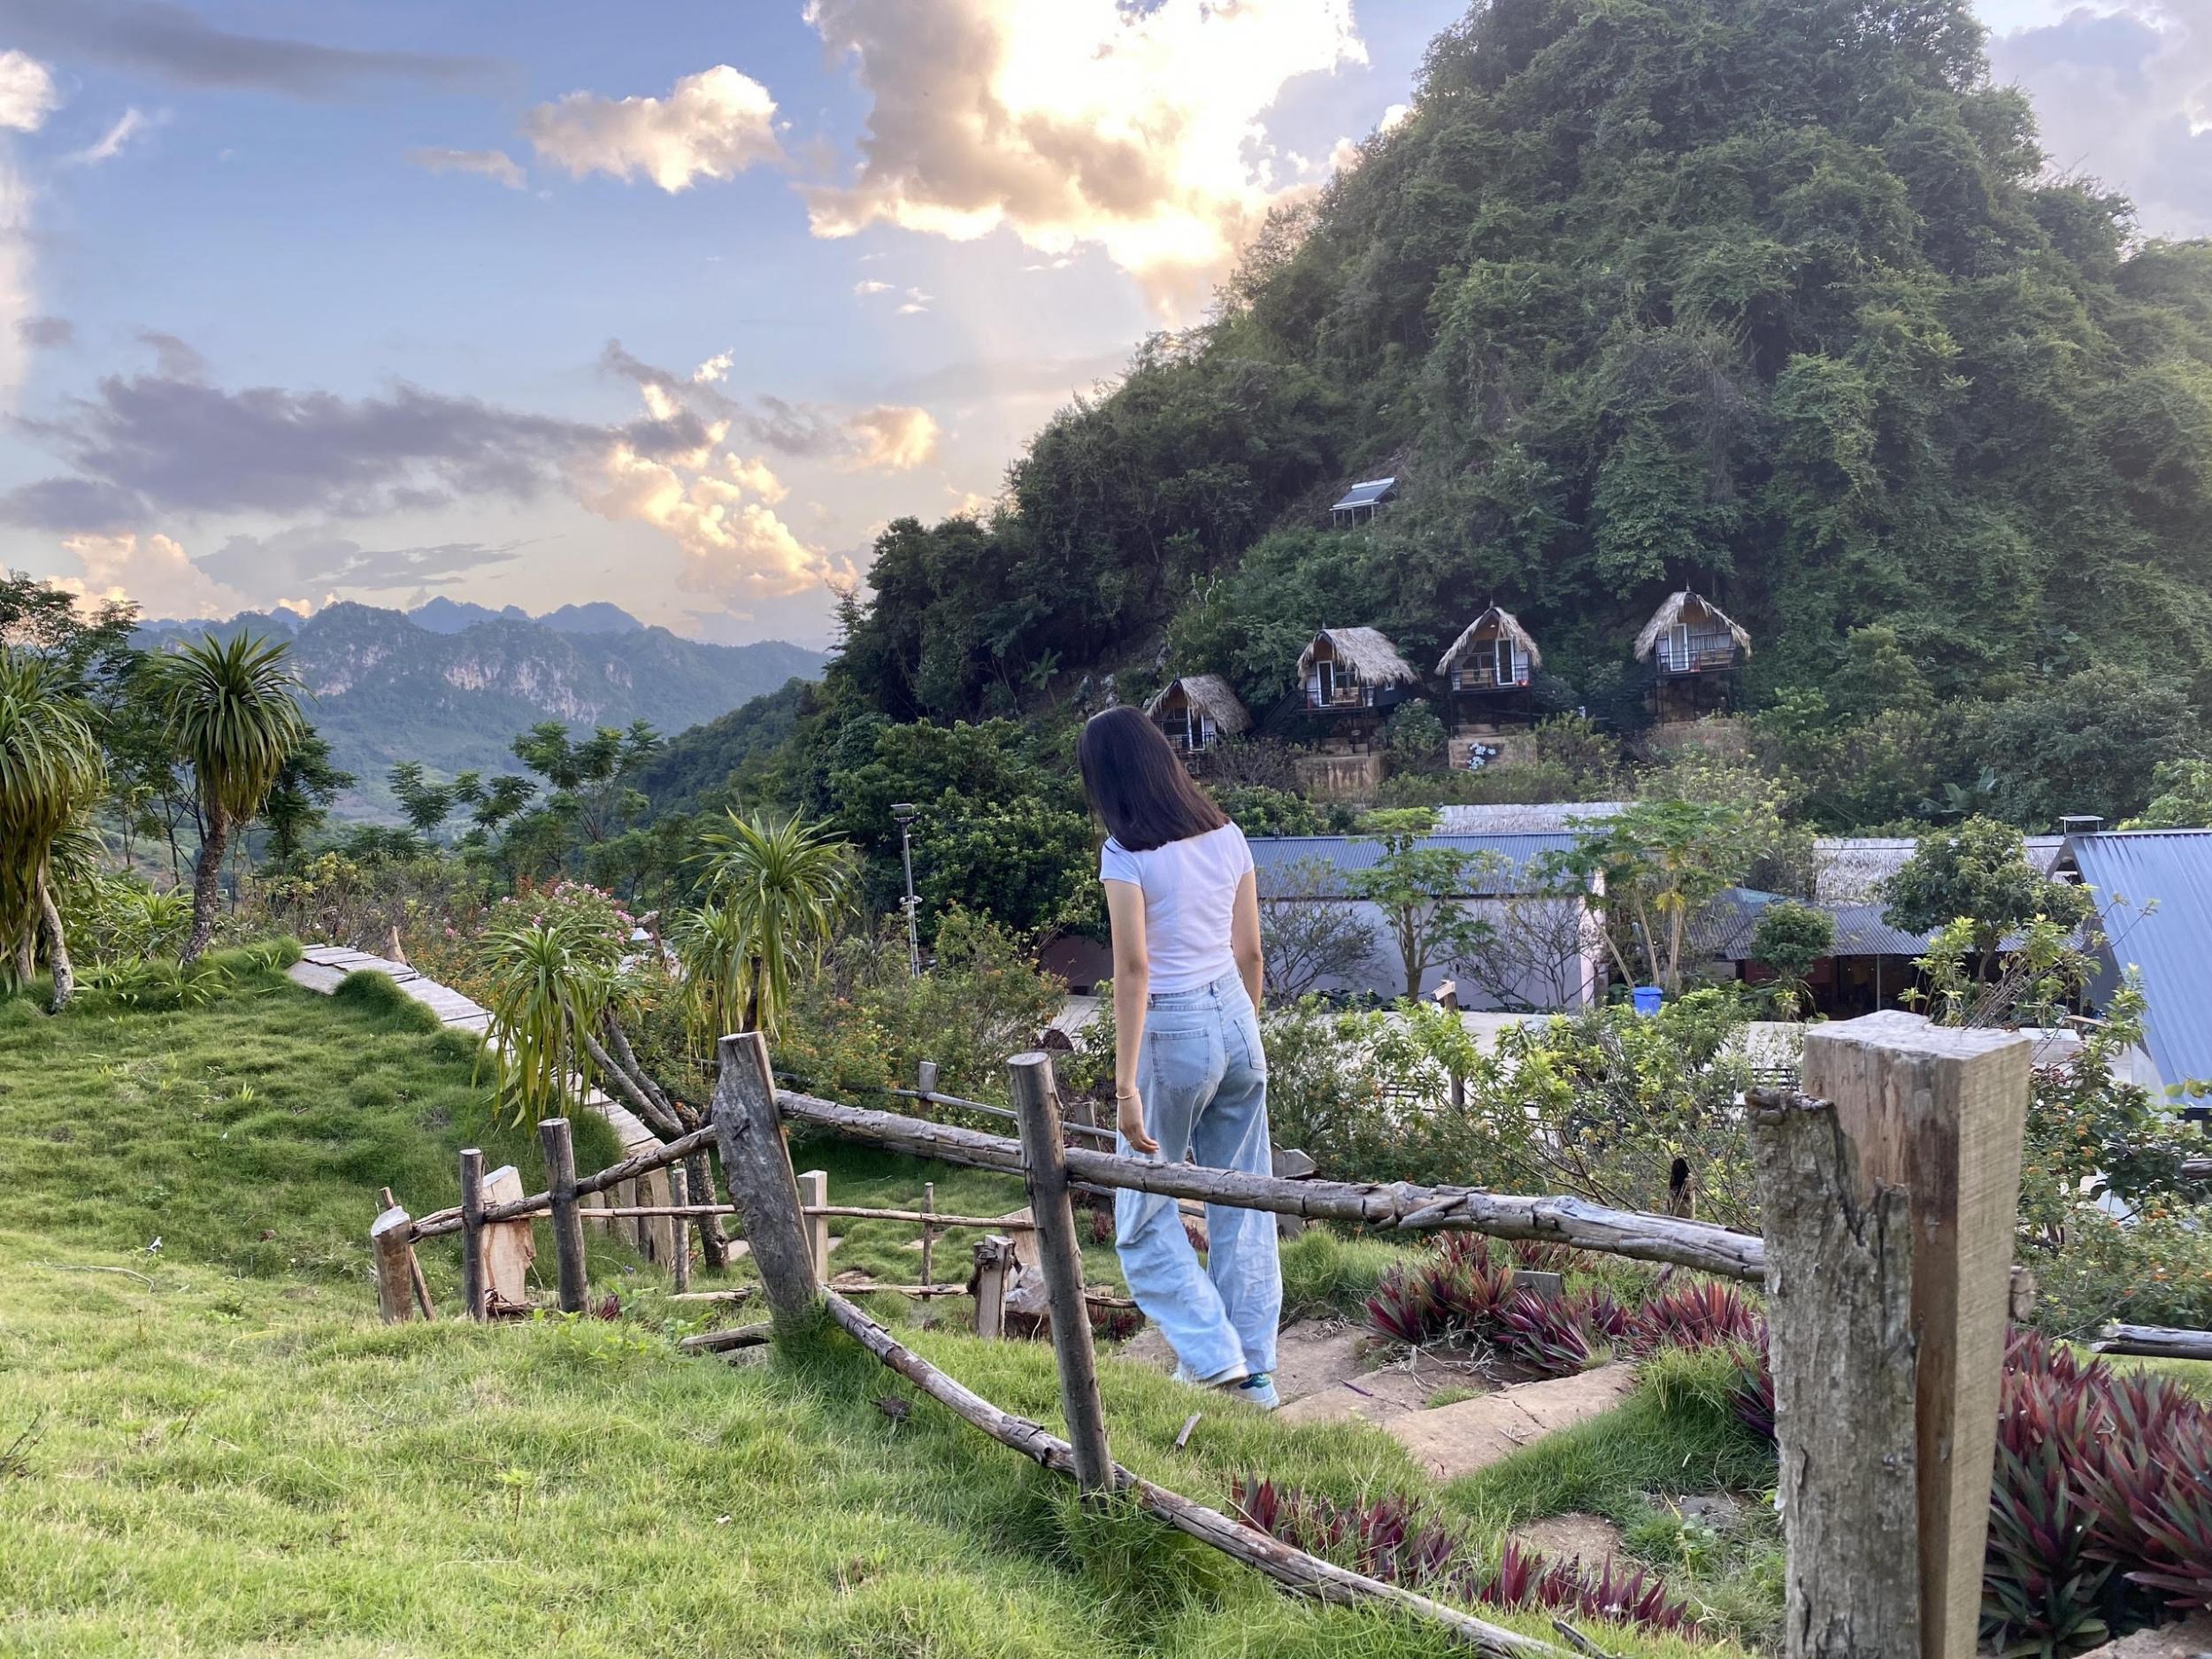 Đưa nhau đi trốn đến homestay Phố núi Tình yêu